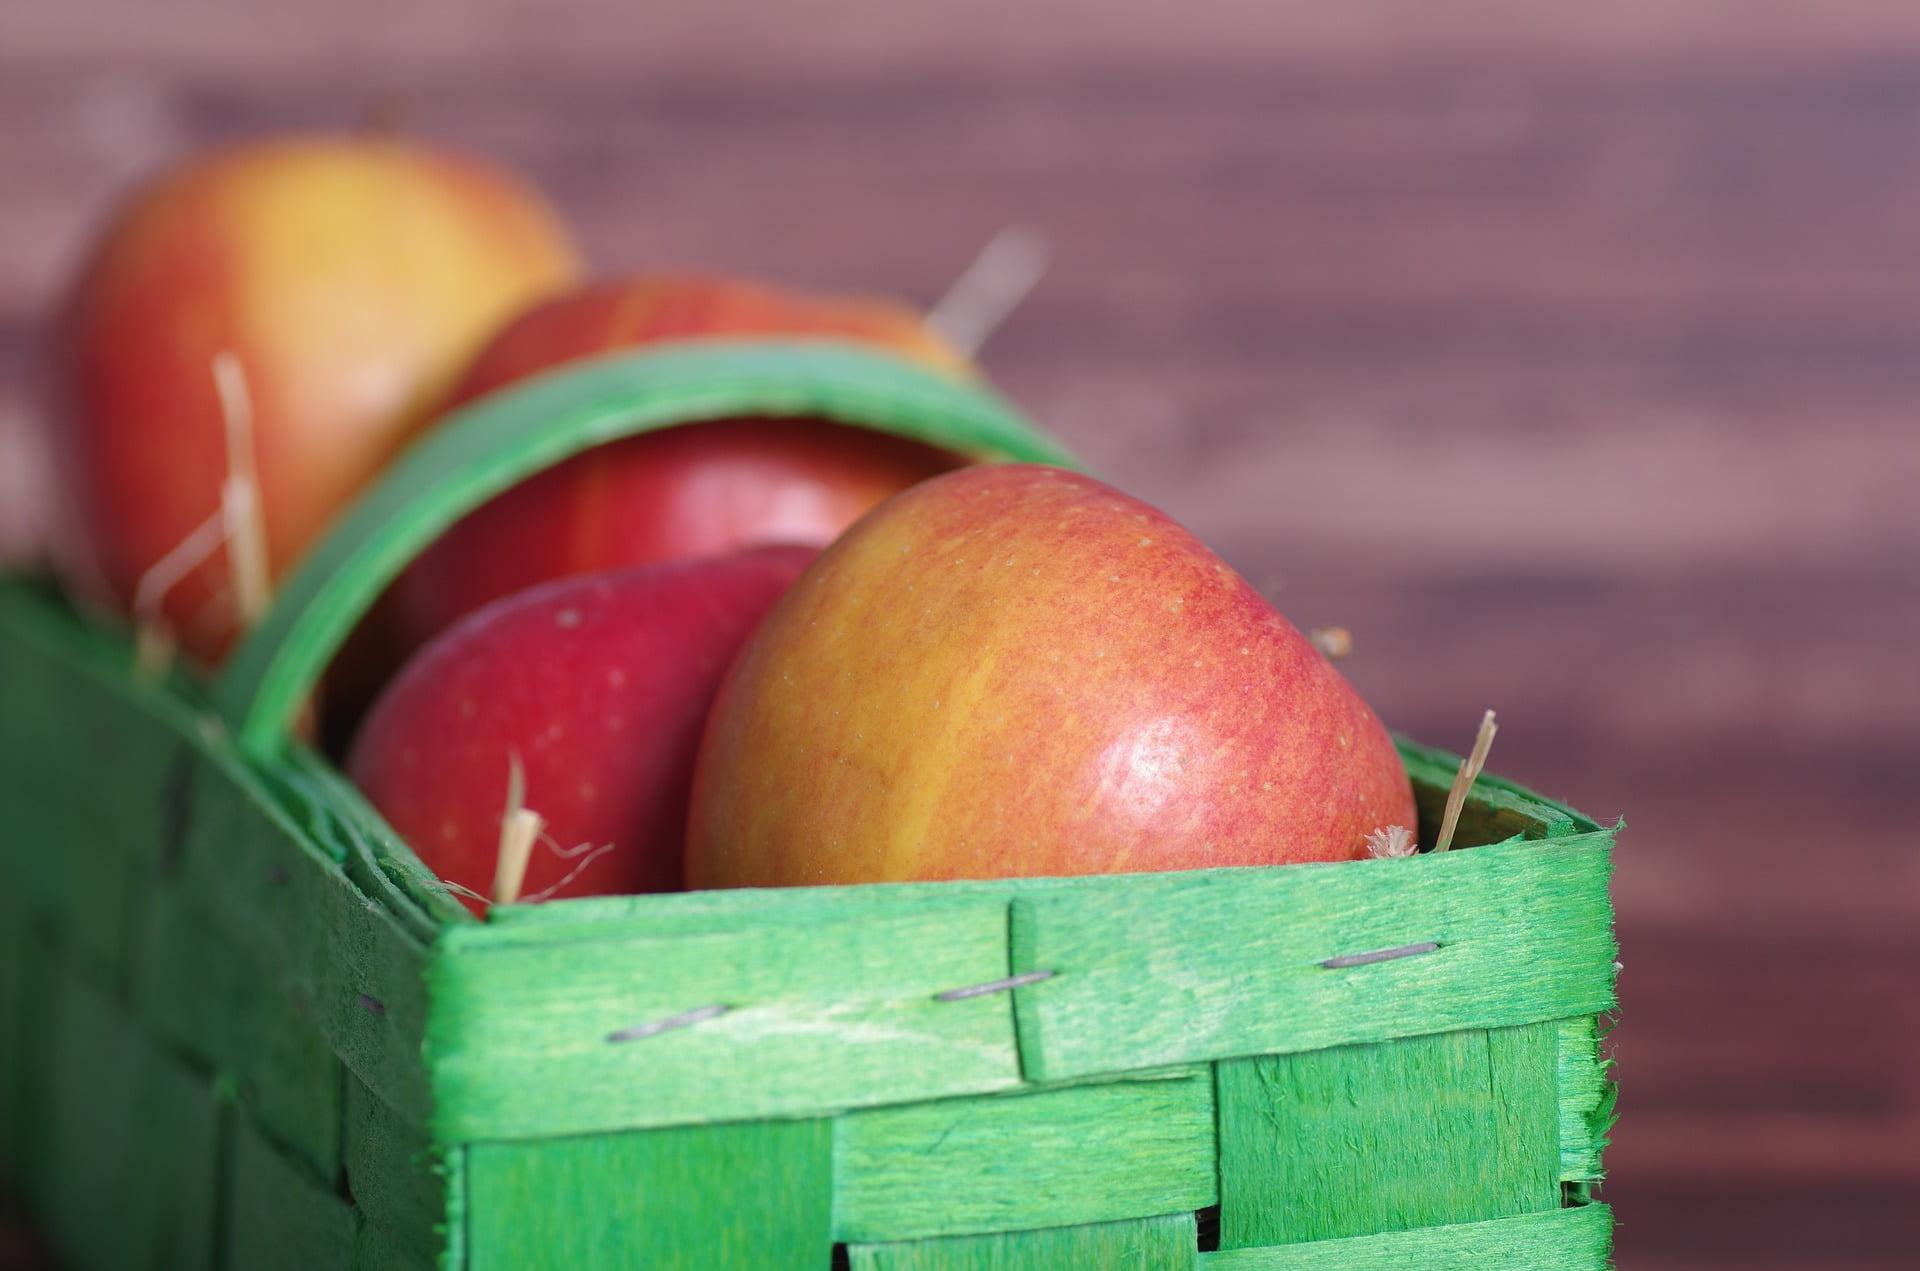 jablka jak myc z wosku